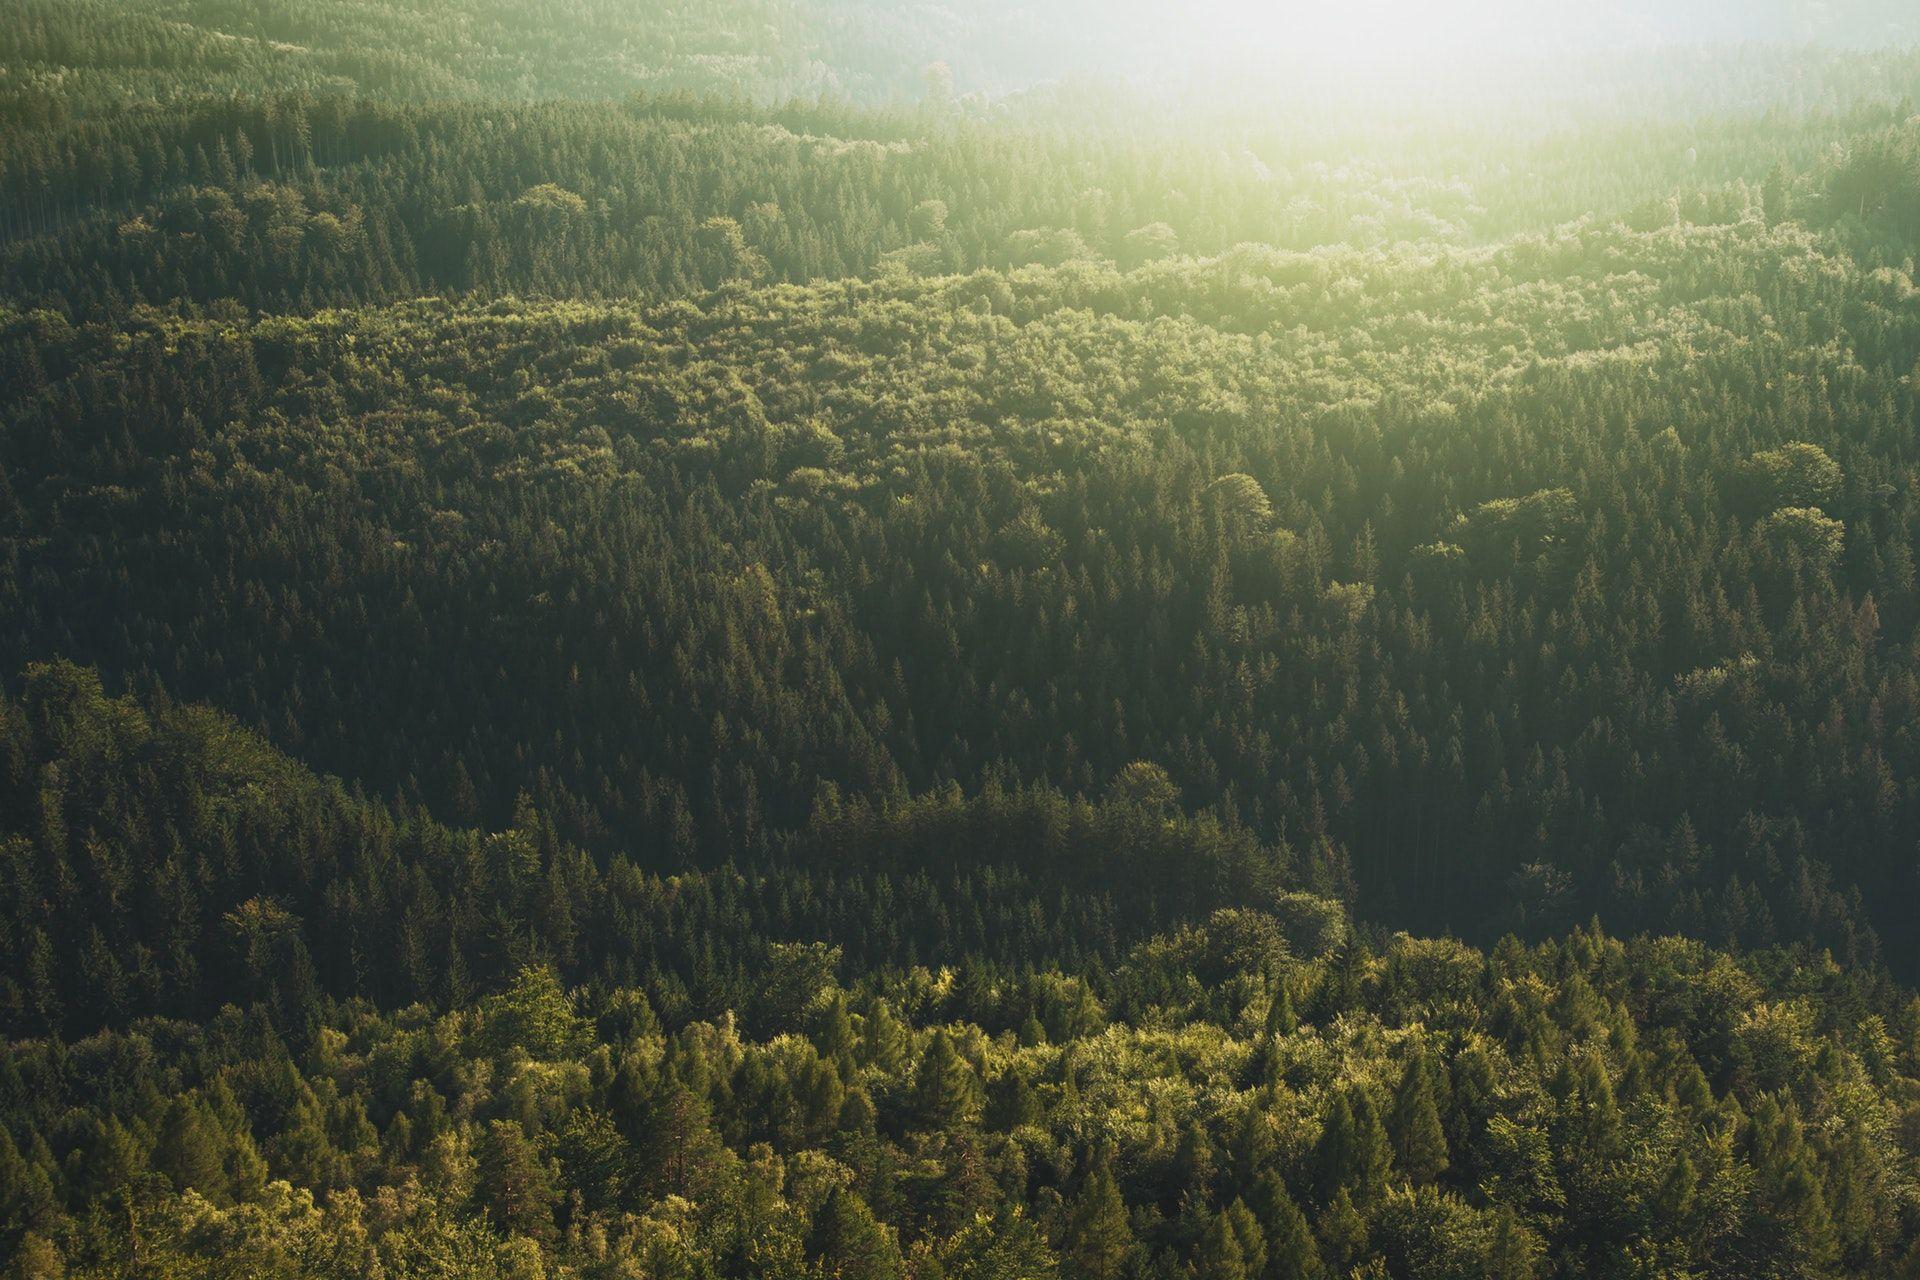 عکس زمینه جنگل پر از درختان سبز پس زمینه